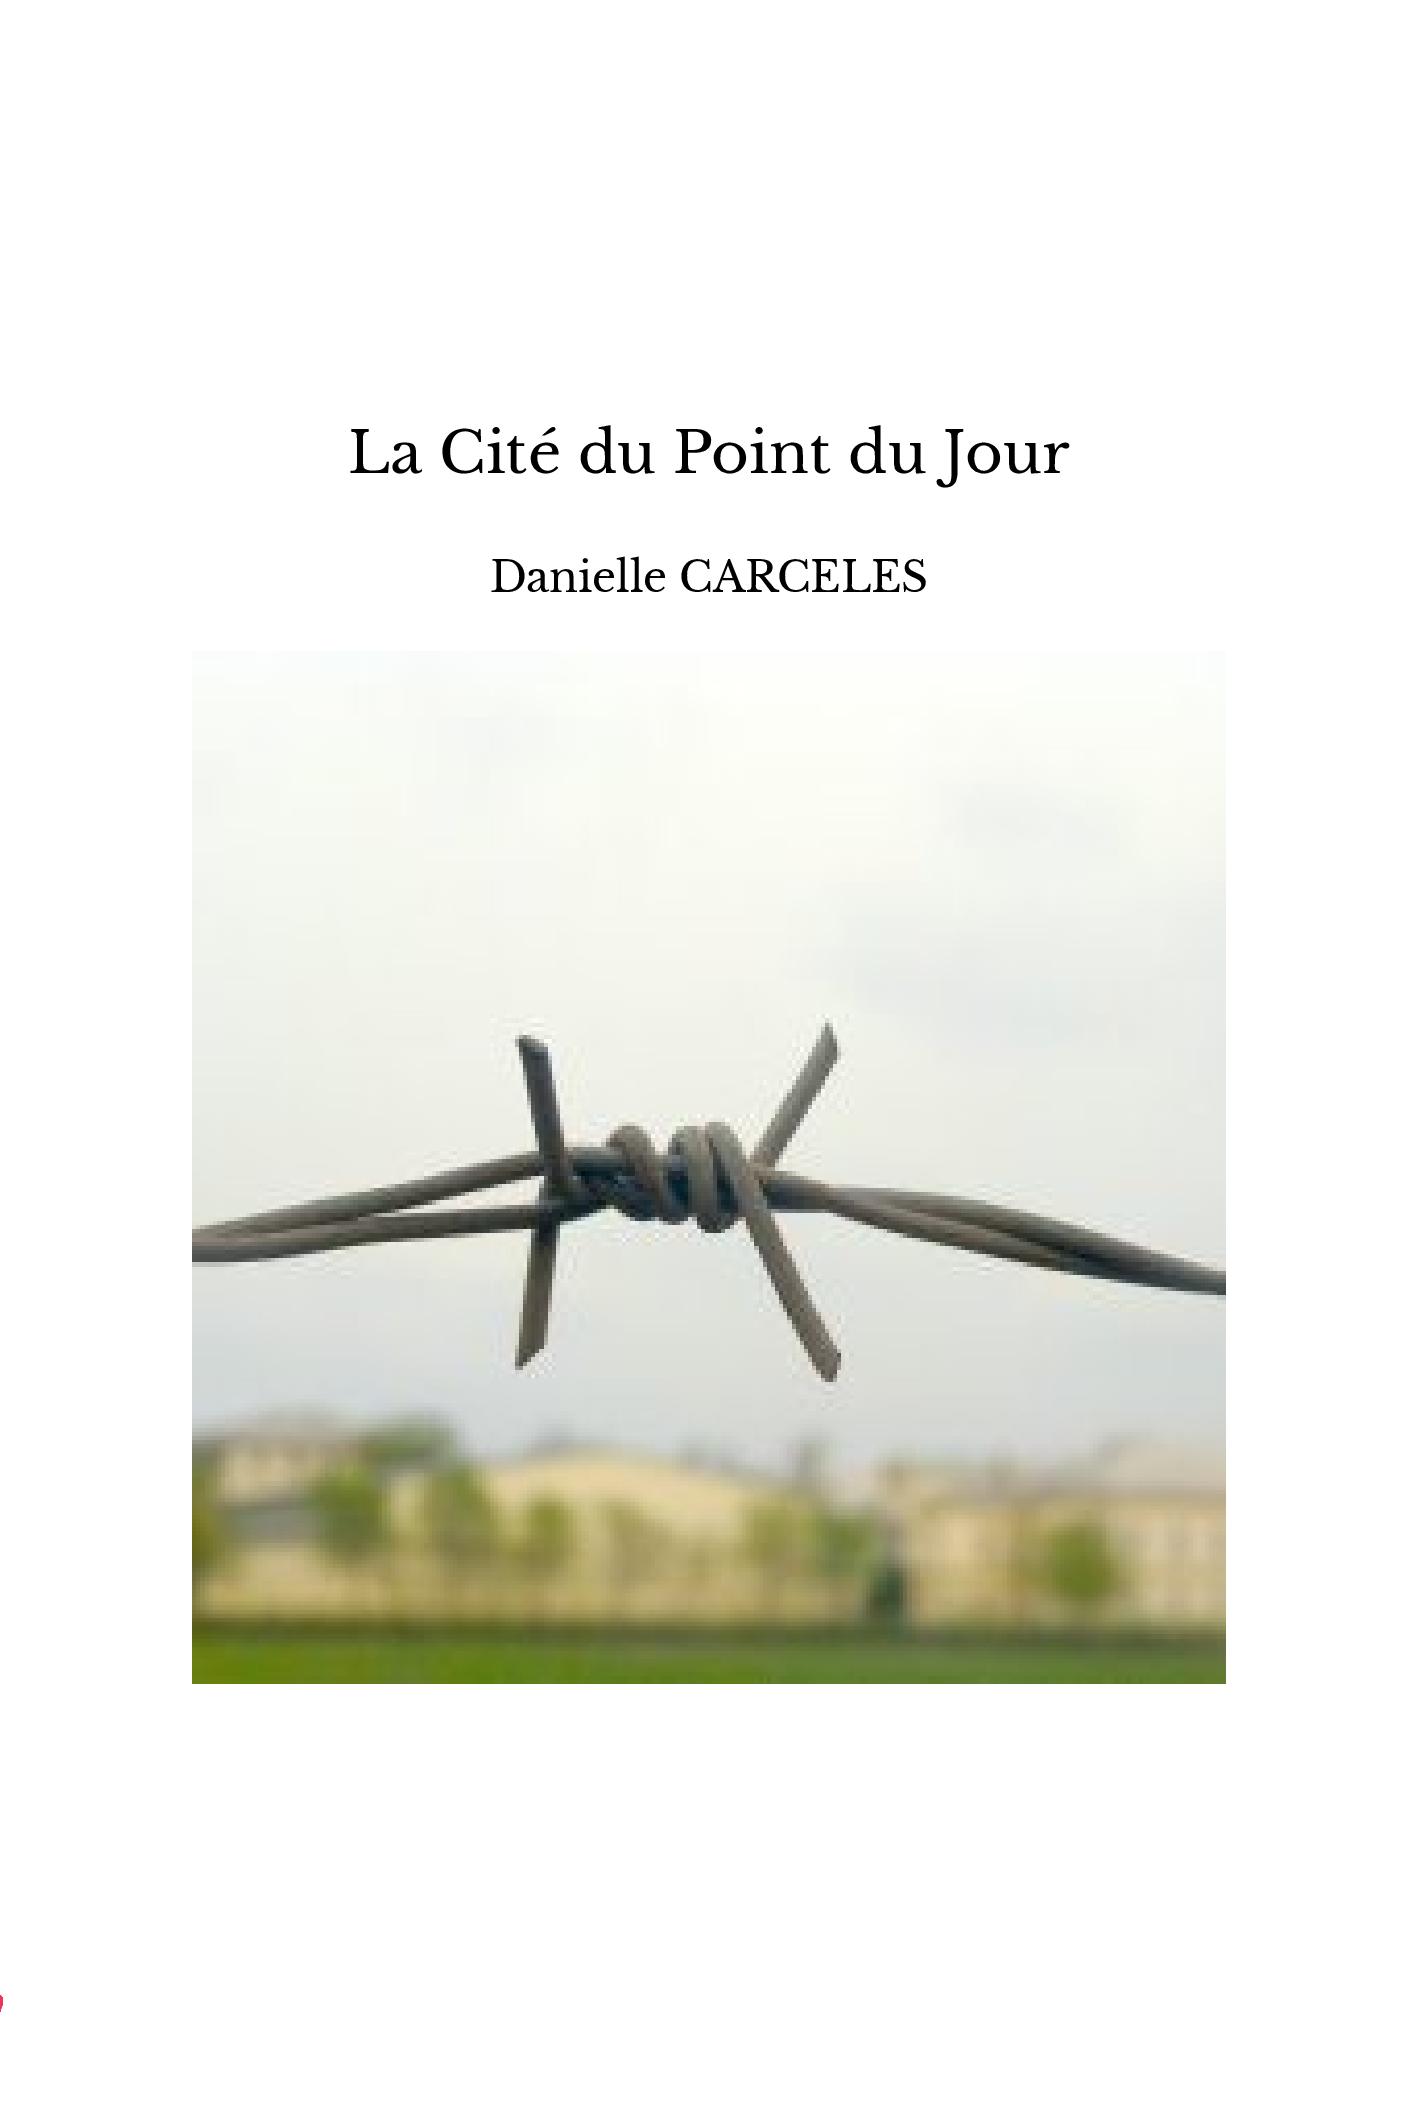 La Cité du Point du Jour